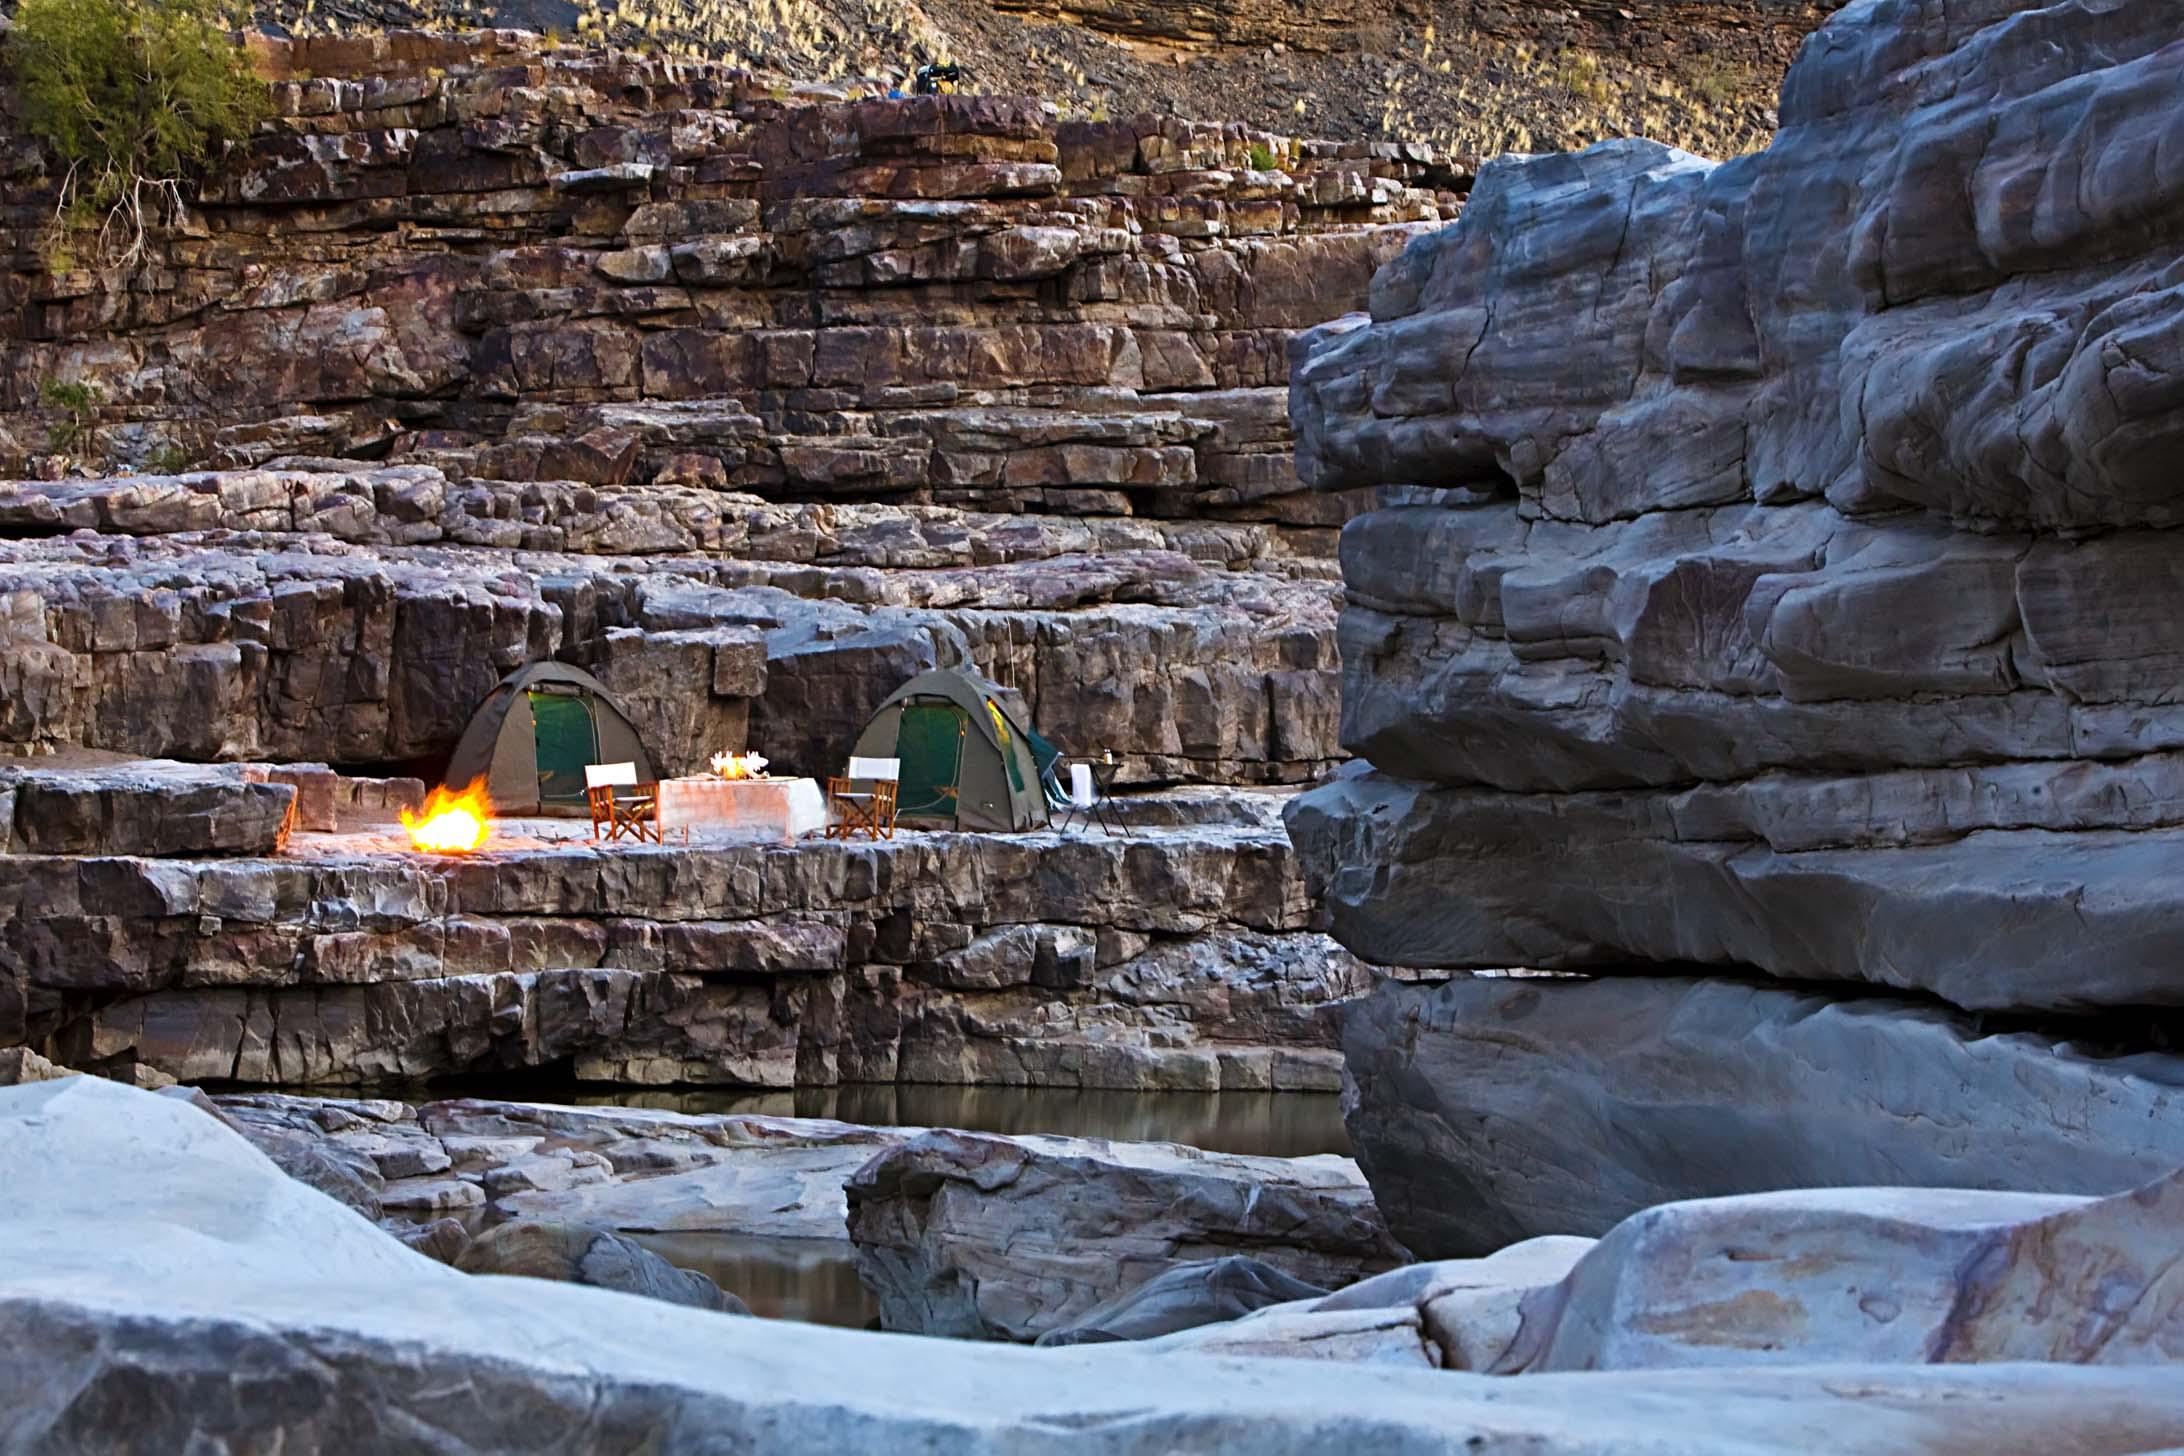 絵画のような絶景!ナミビアの絶景を味わえるおすすめ観光スポット4選